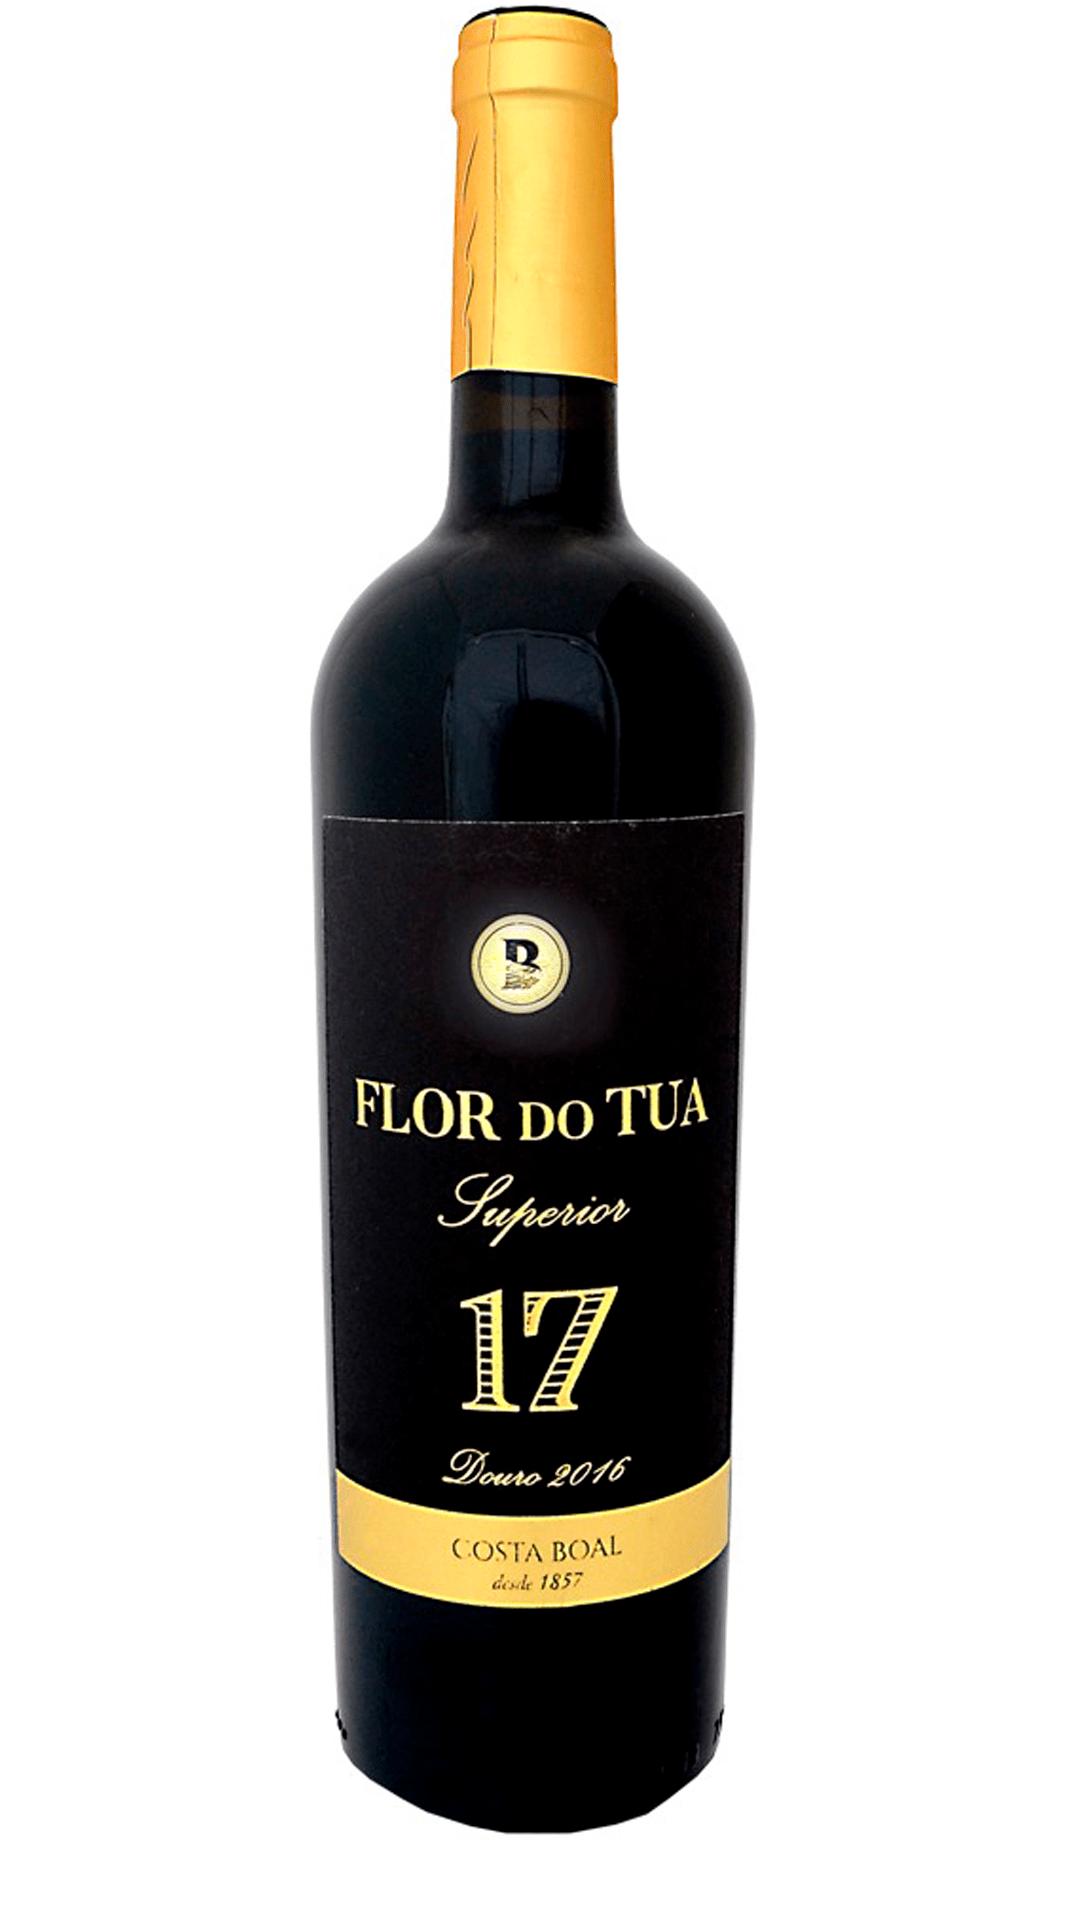 Flor-do-Tua-Superior-17-Tinto-Douro